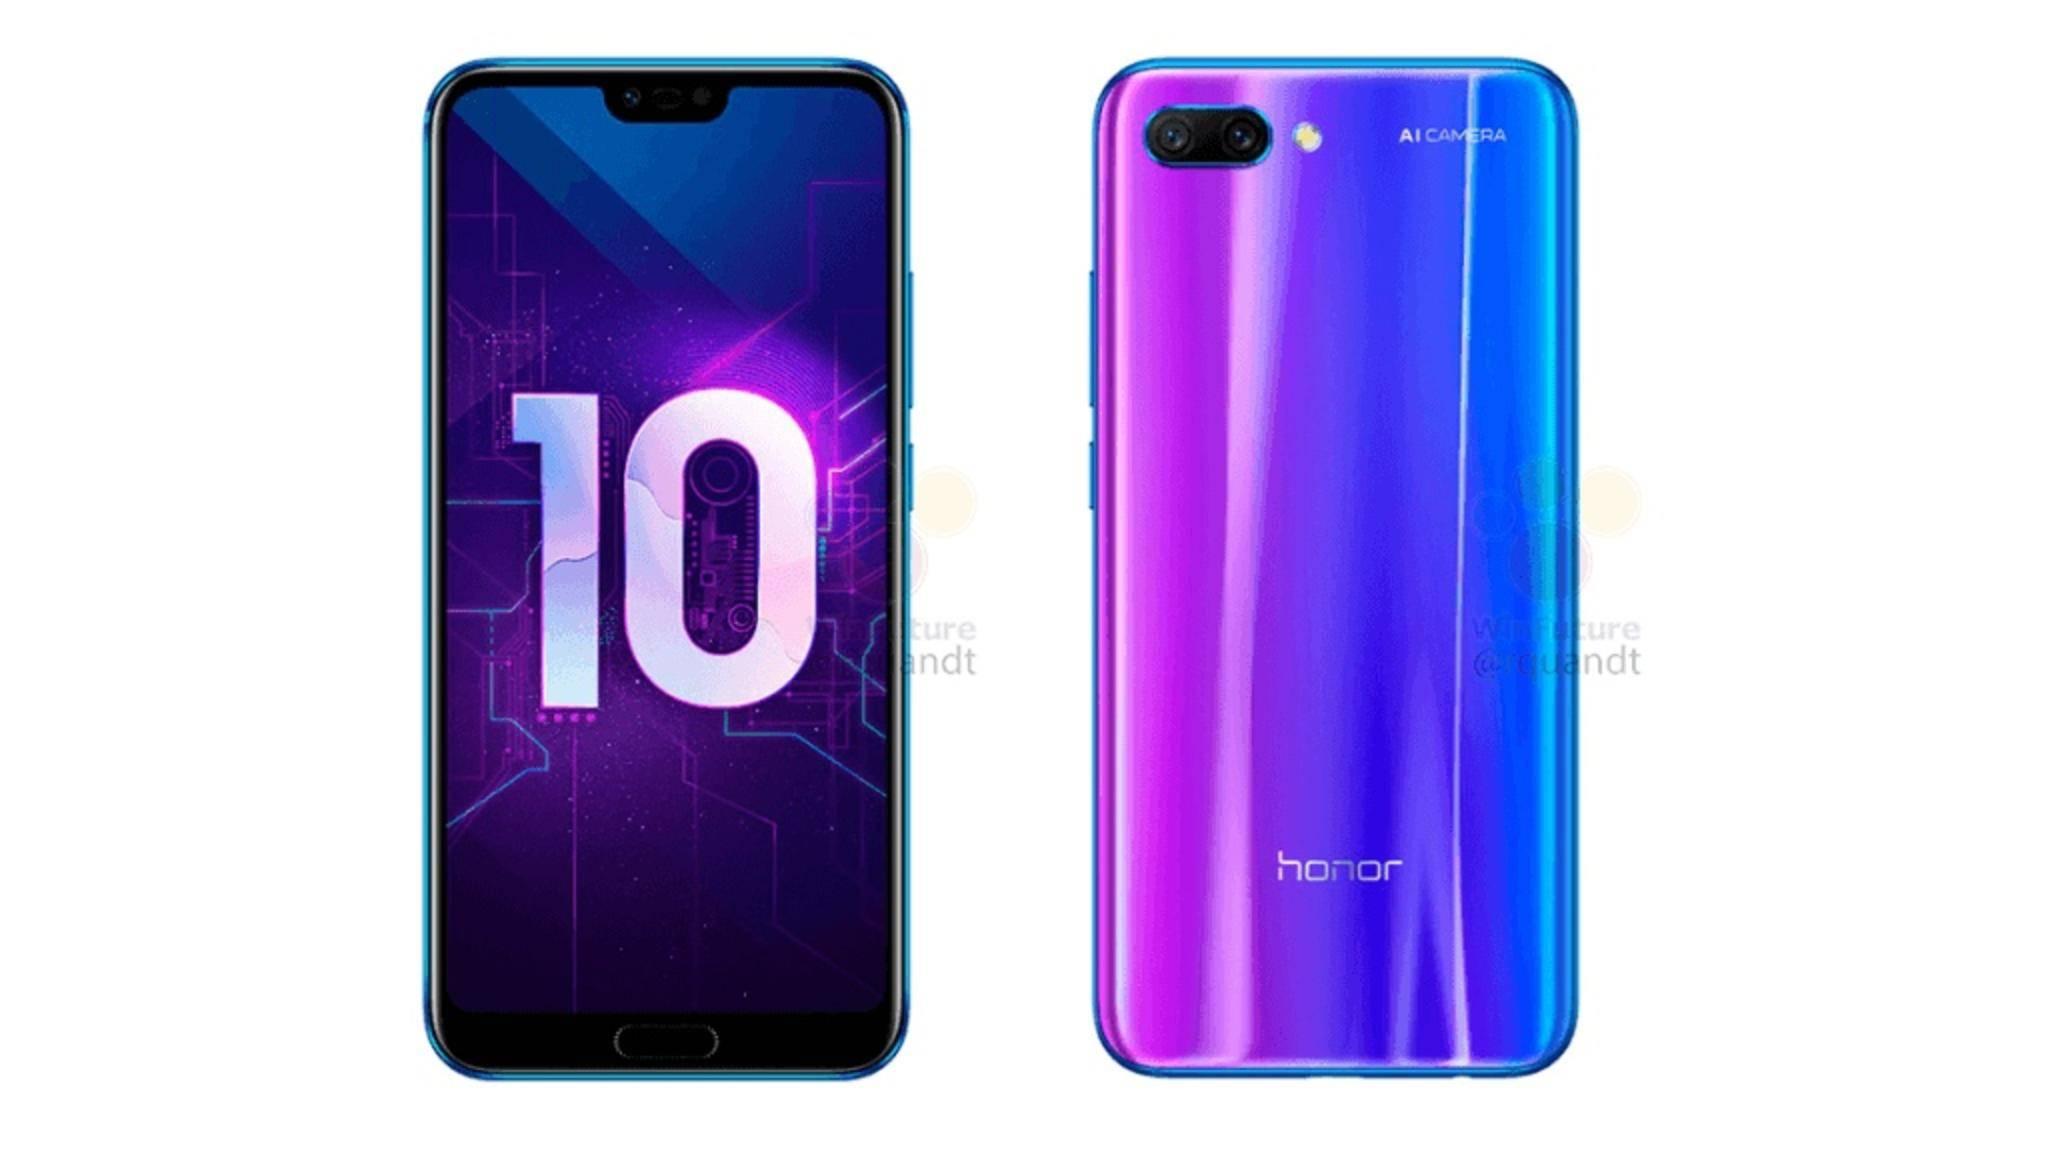 Das Honor 10 soll auch in der vom Huawei P20 Pro bekannten Twilight-Farbe erhältlich sein.